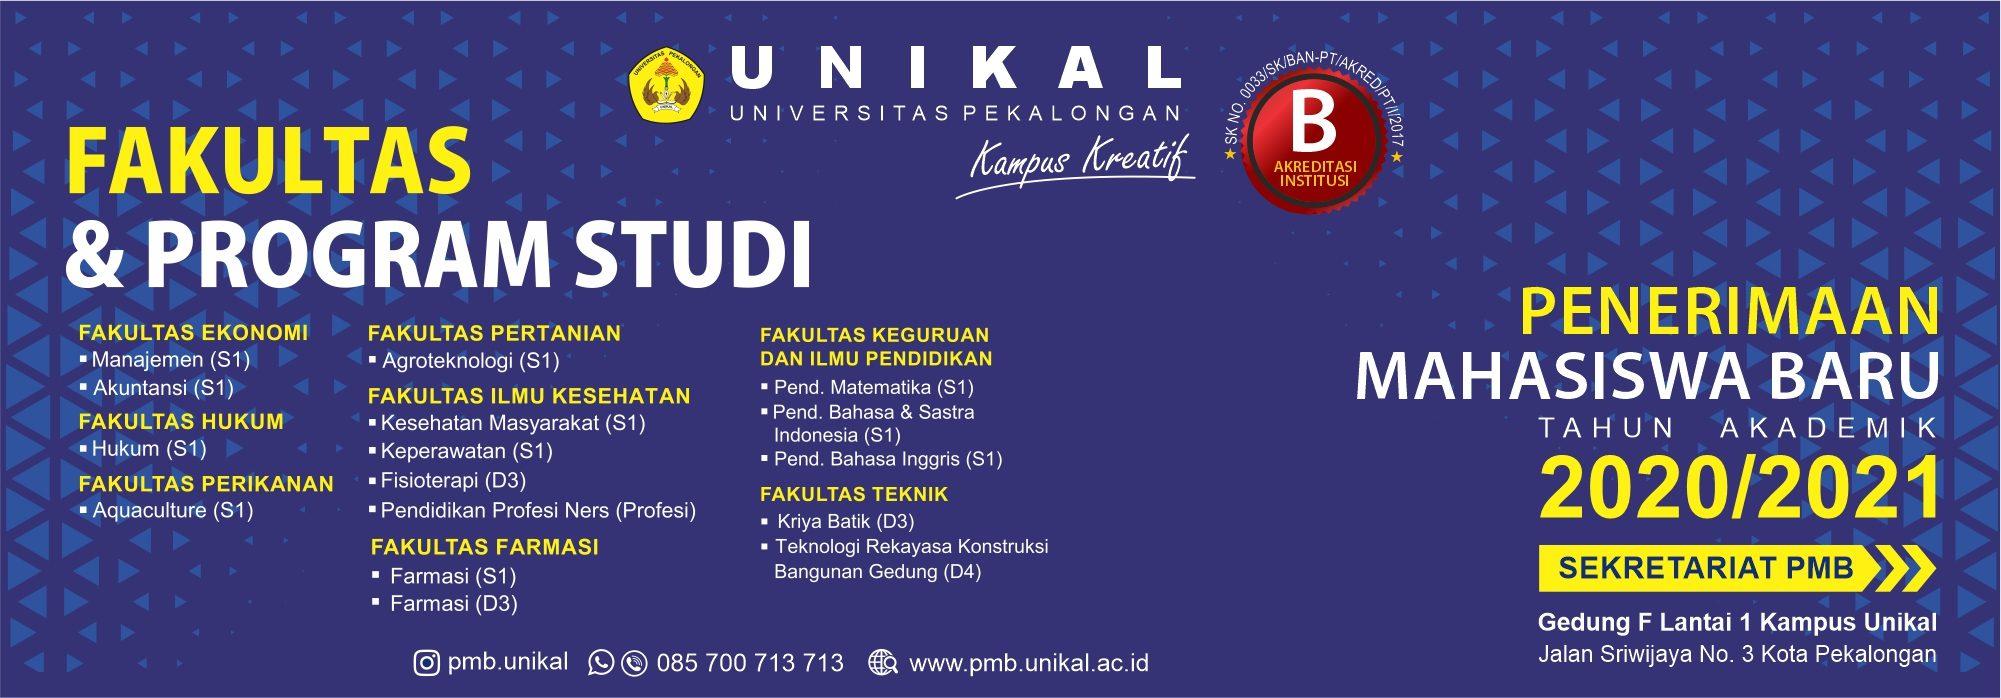 Fakultas dan Prodi Unikal